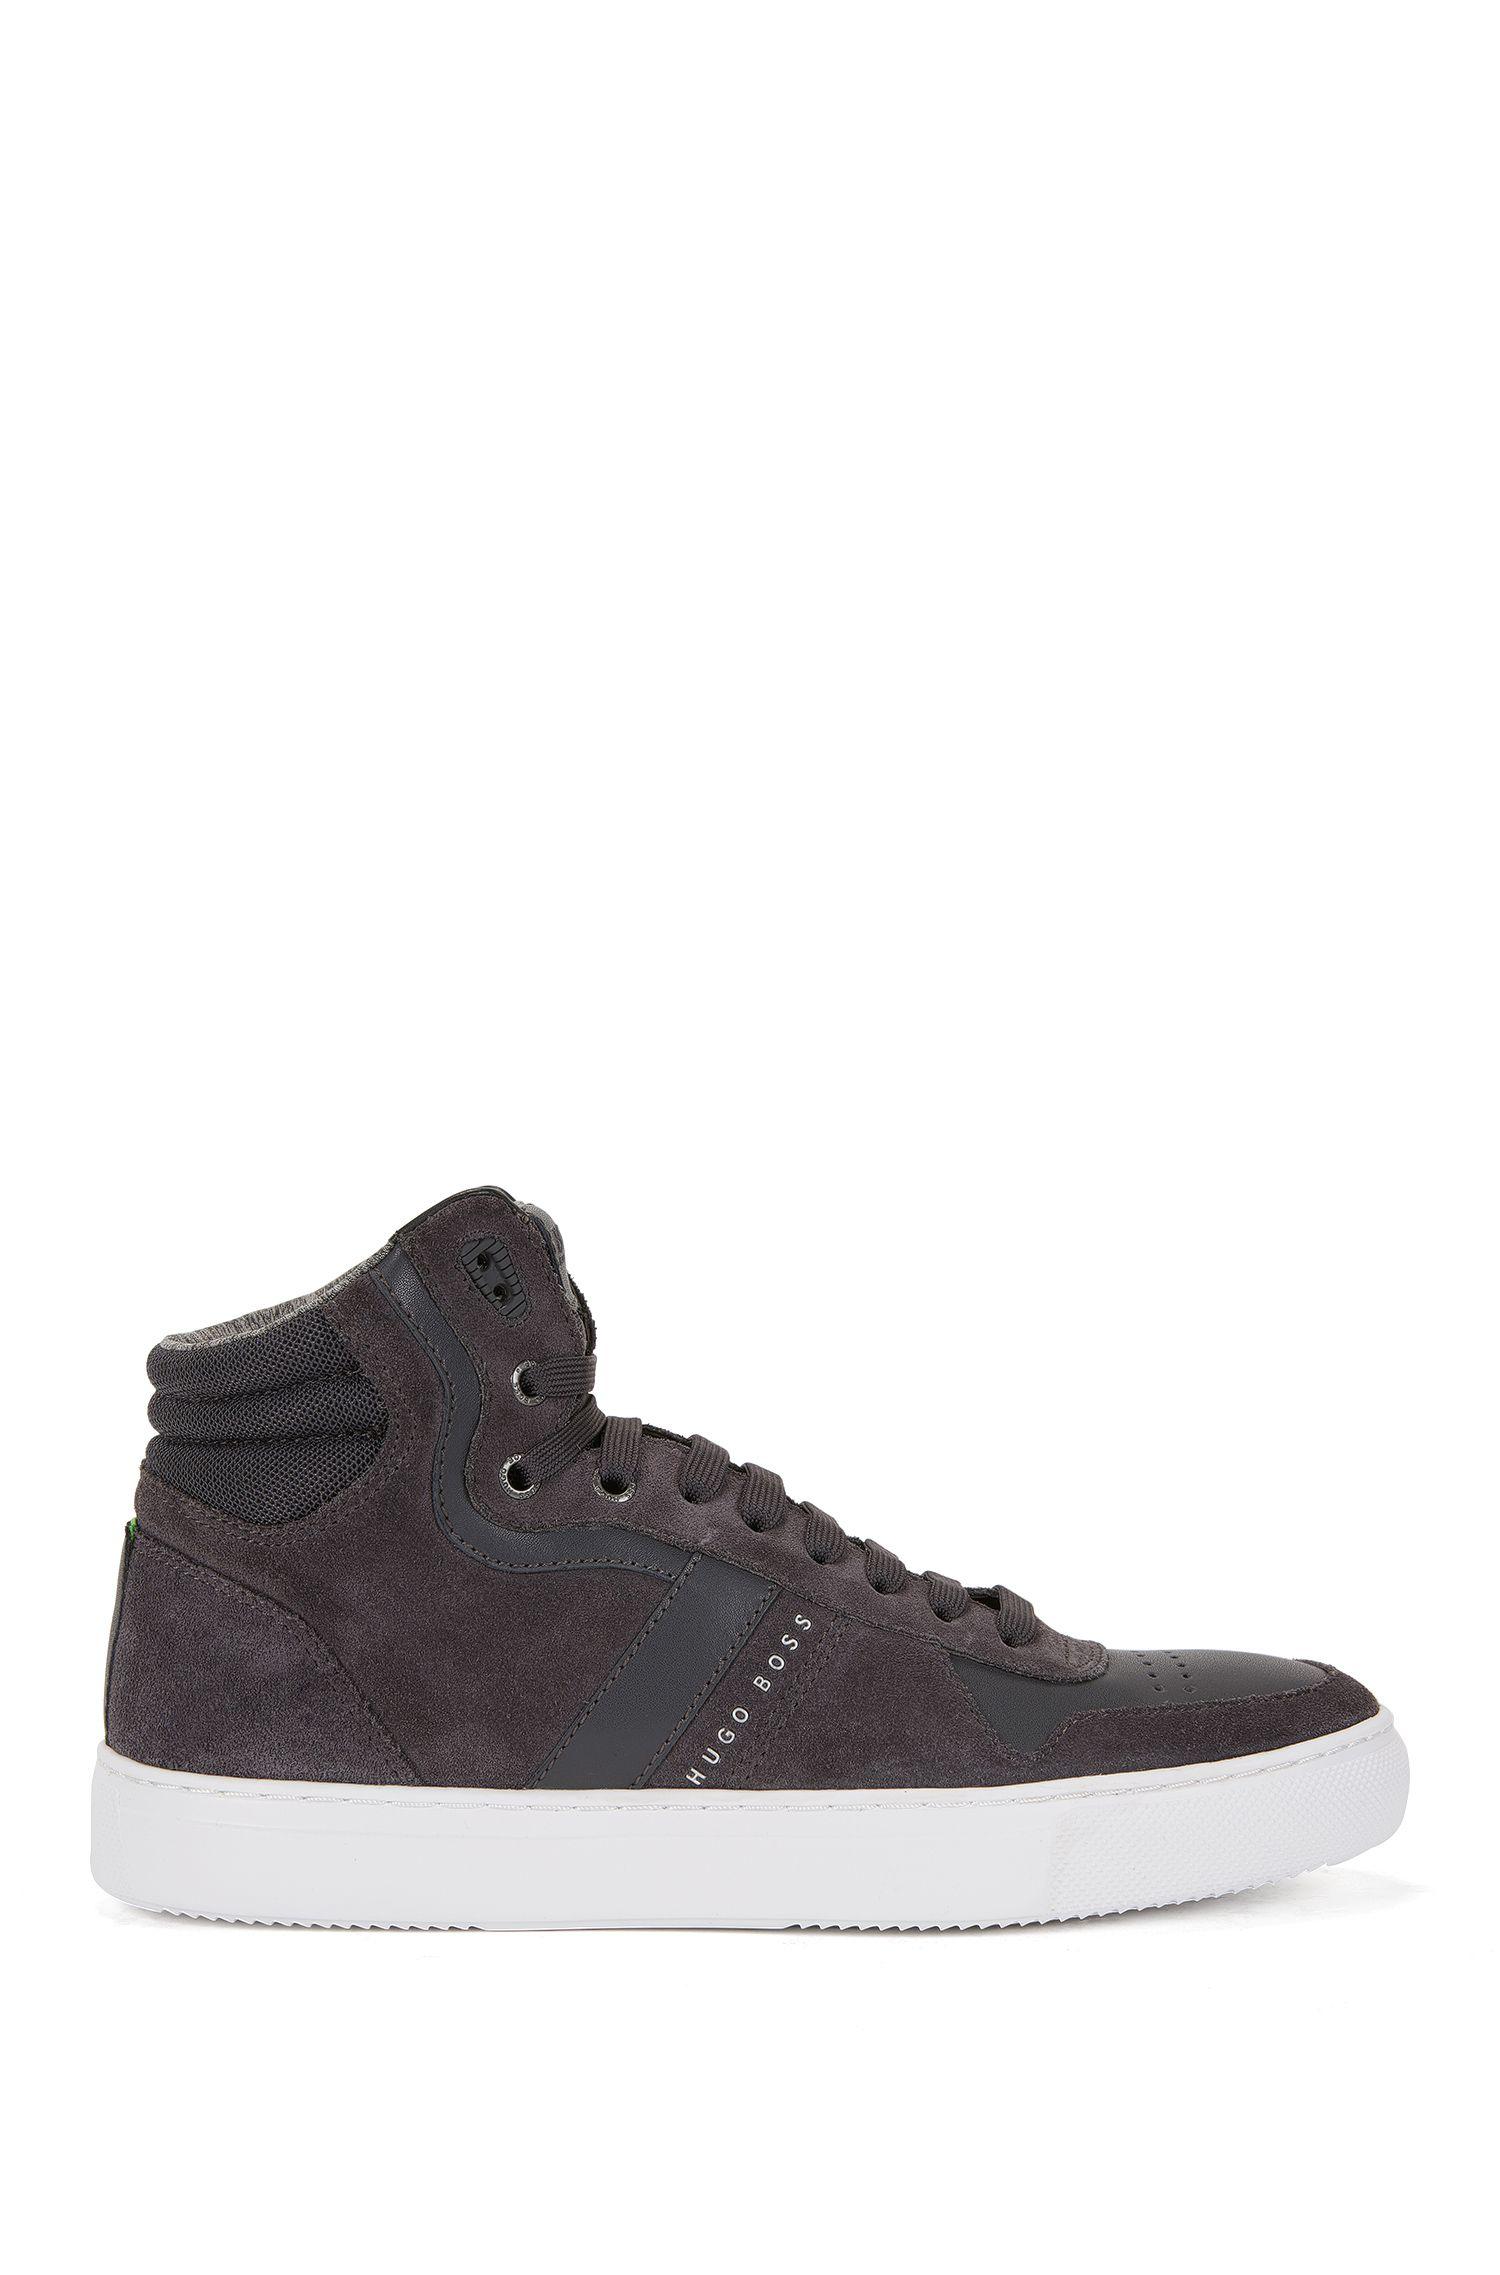 Leather & Suede High Top Sneaker | Enlight Hito Sdmx, Dark Grey